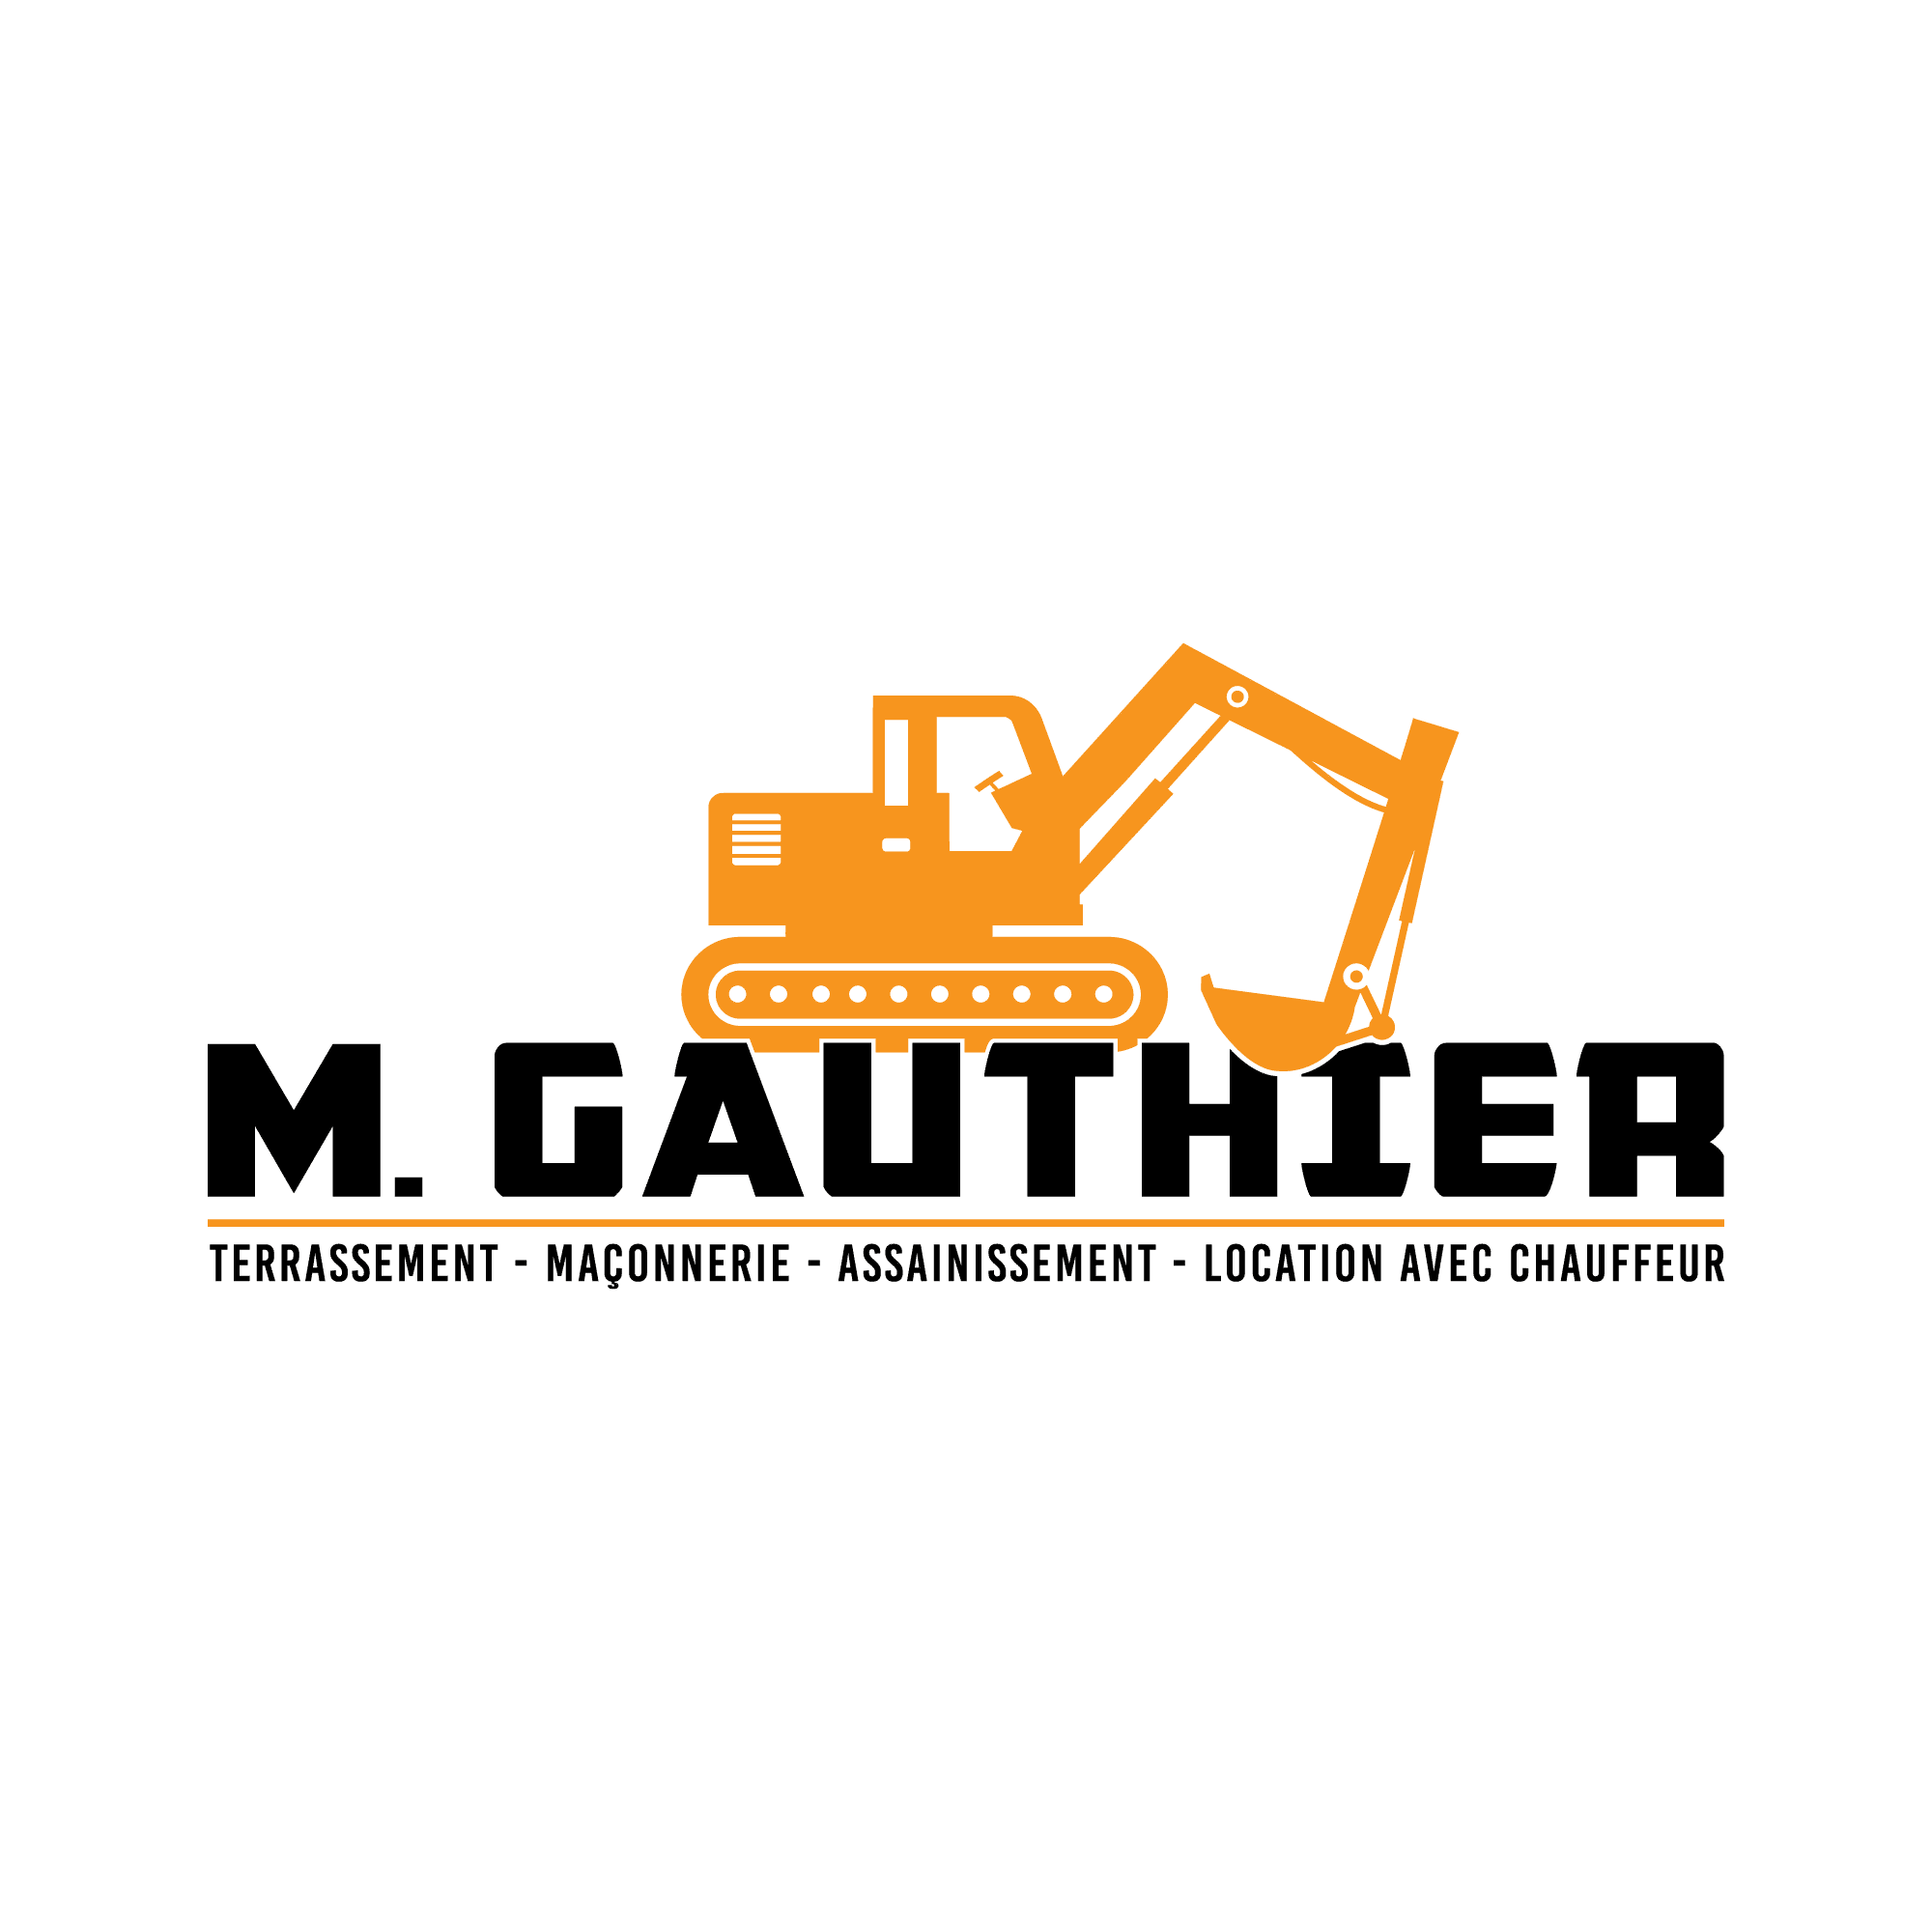 Terrassement 91 logo M. Gauthier